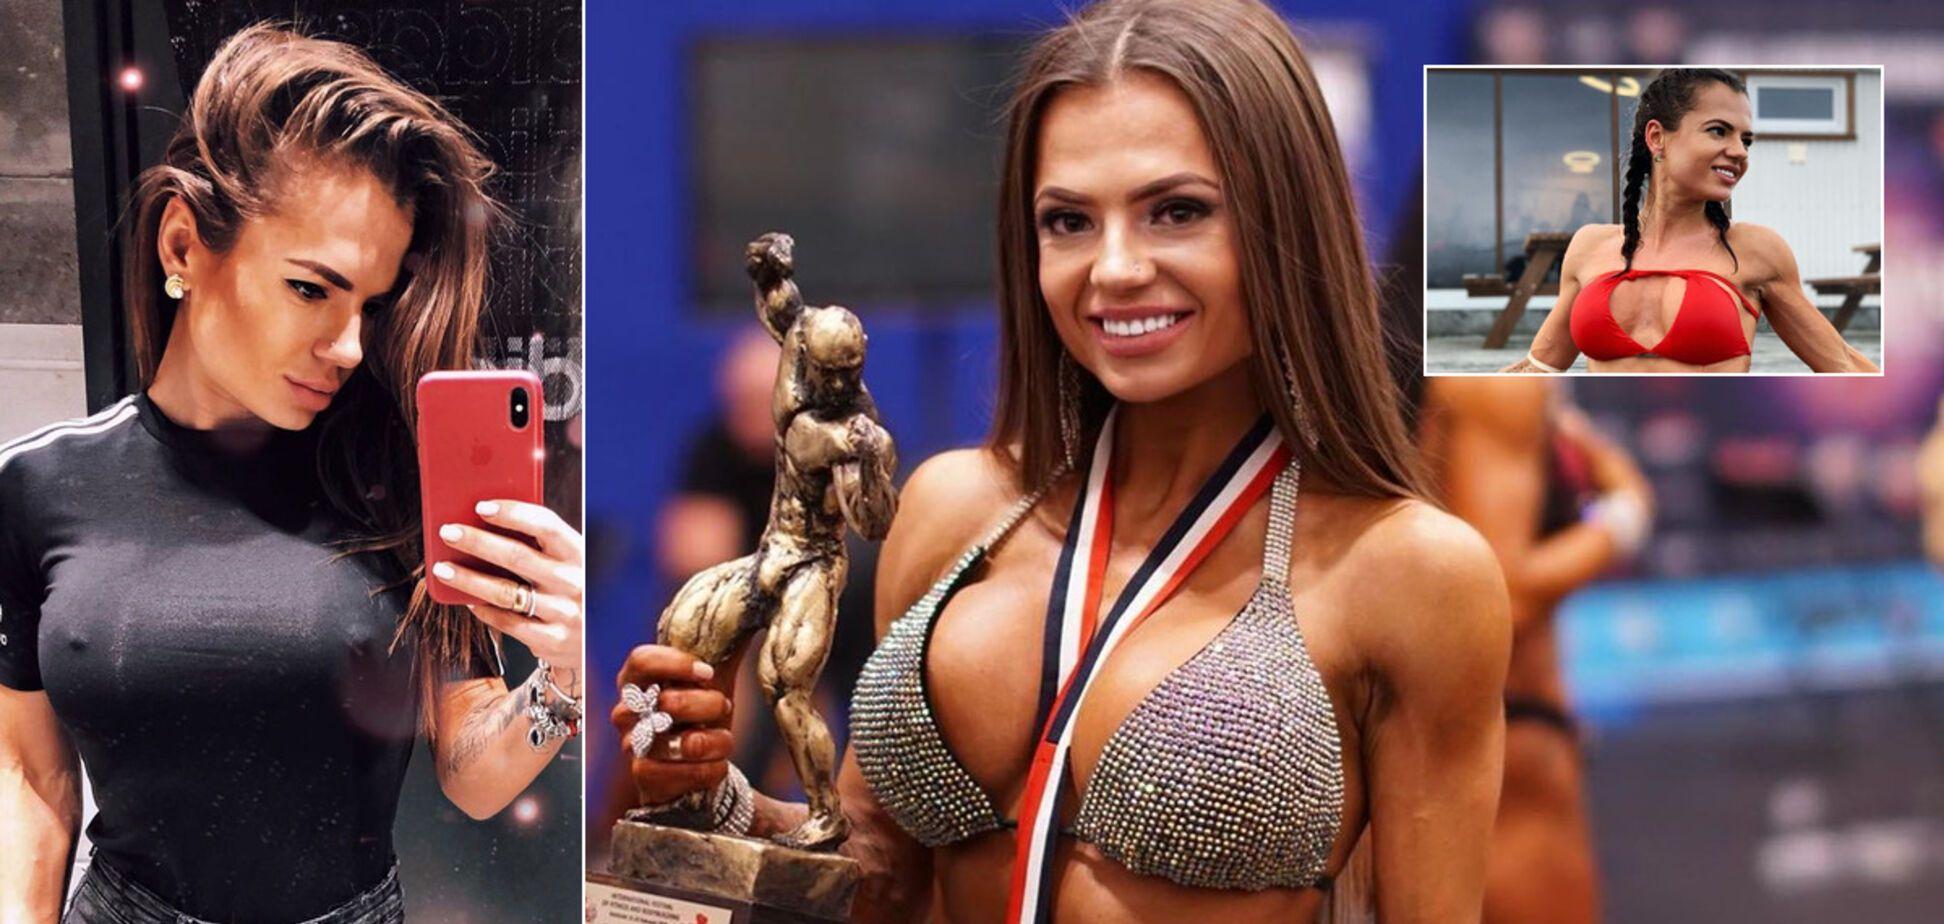 Сногсшибательная украинка выиграла всемирный фестиваль по фитнесу и бодибилдингу